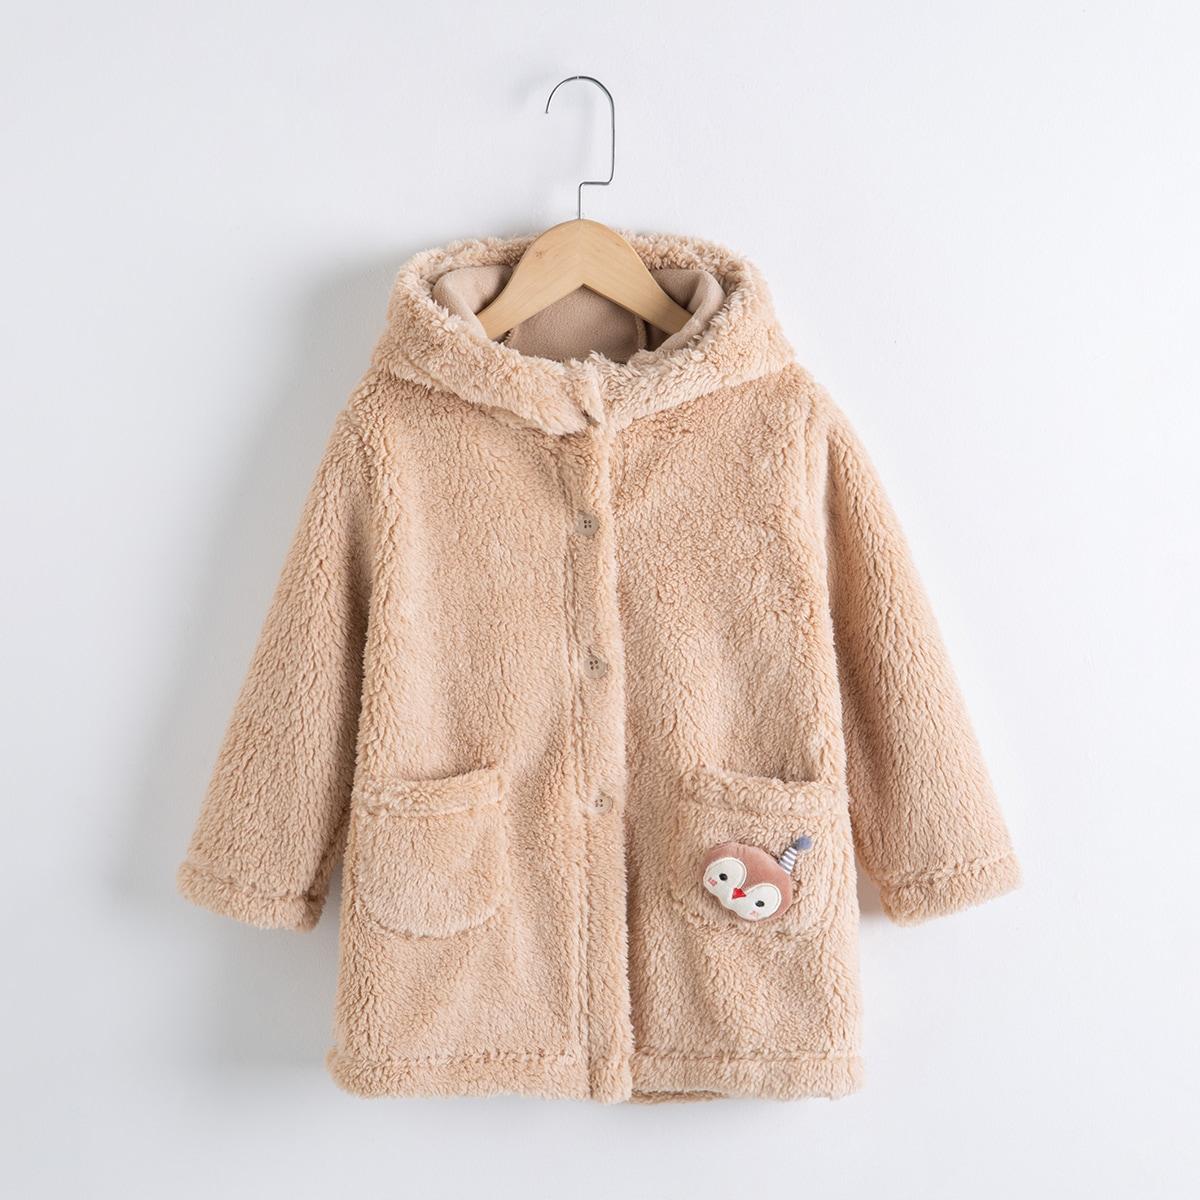 для мальчиков 3D Плюшевое пальто с мультипликационной заплатой с капюшоном